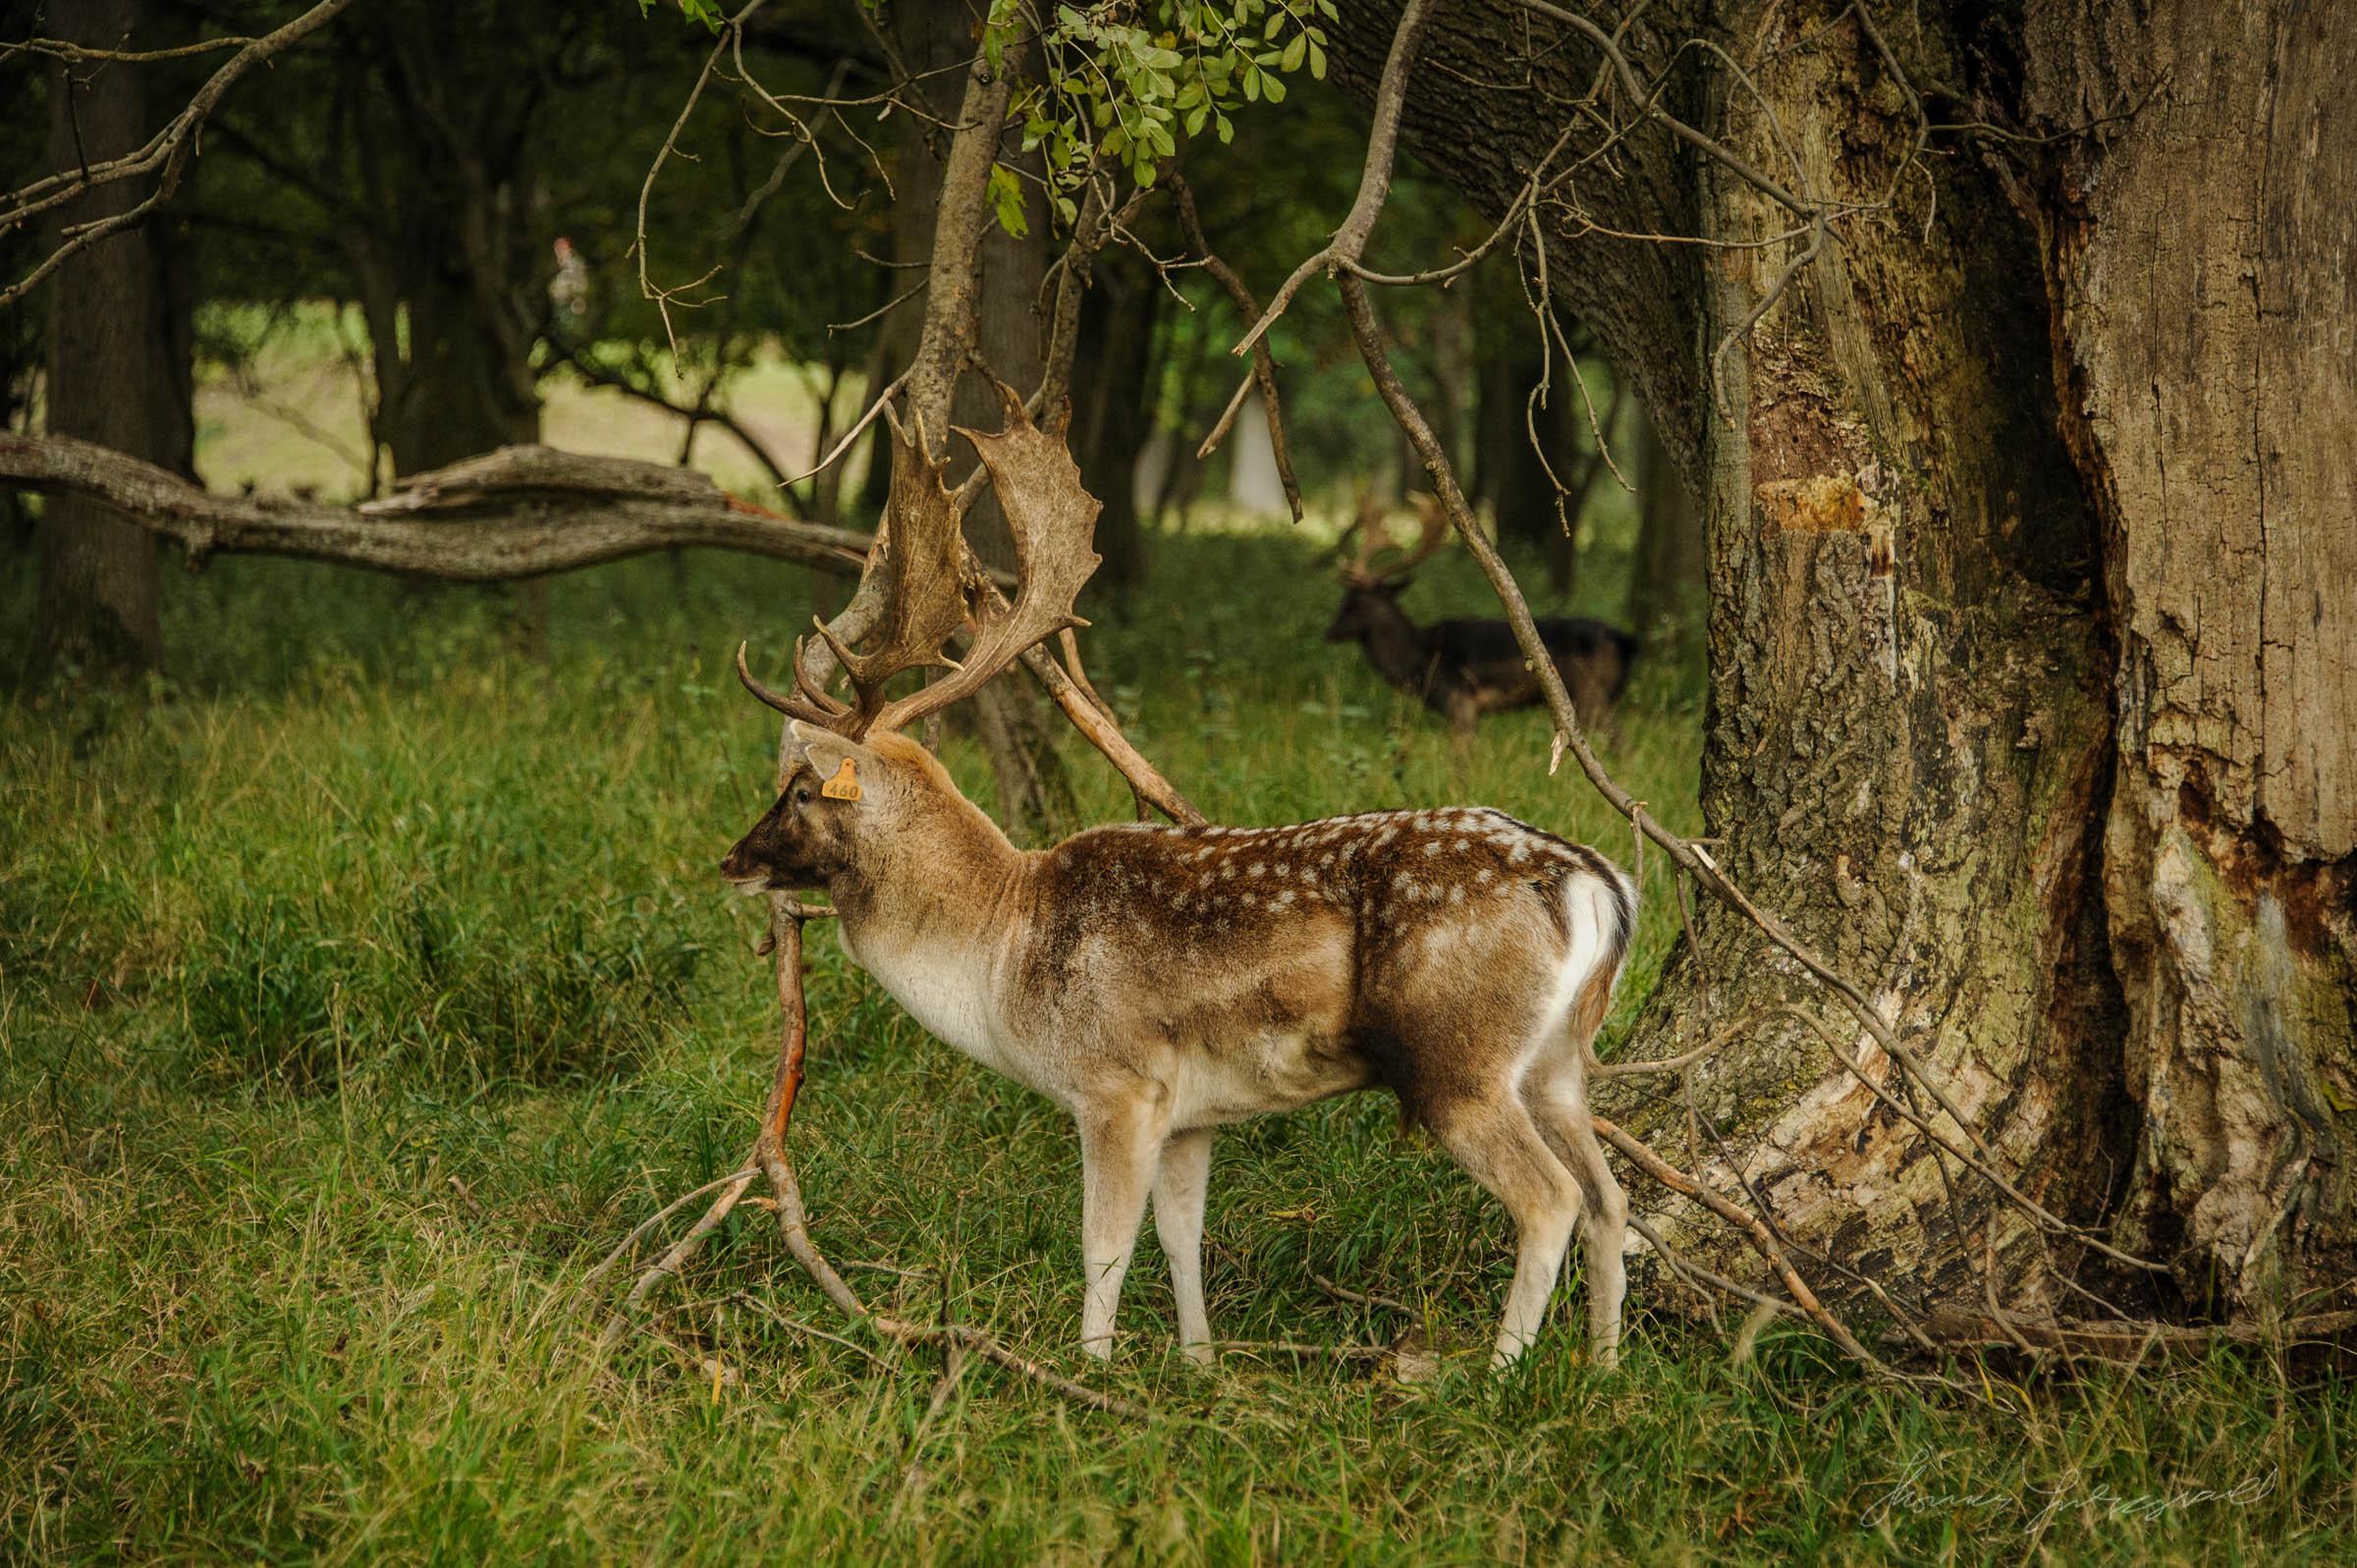 Pheonix-Park-Deer-27.jpg